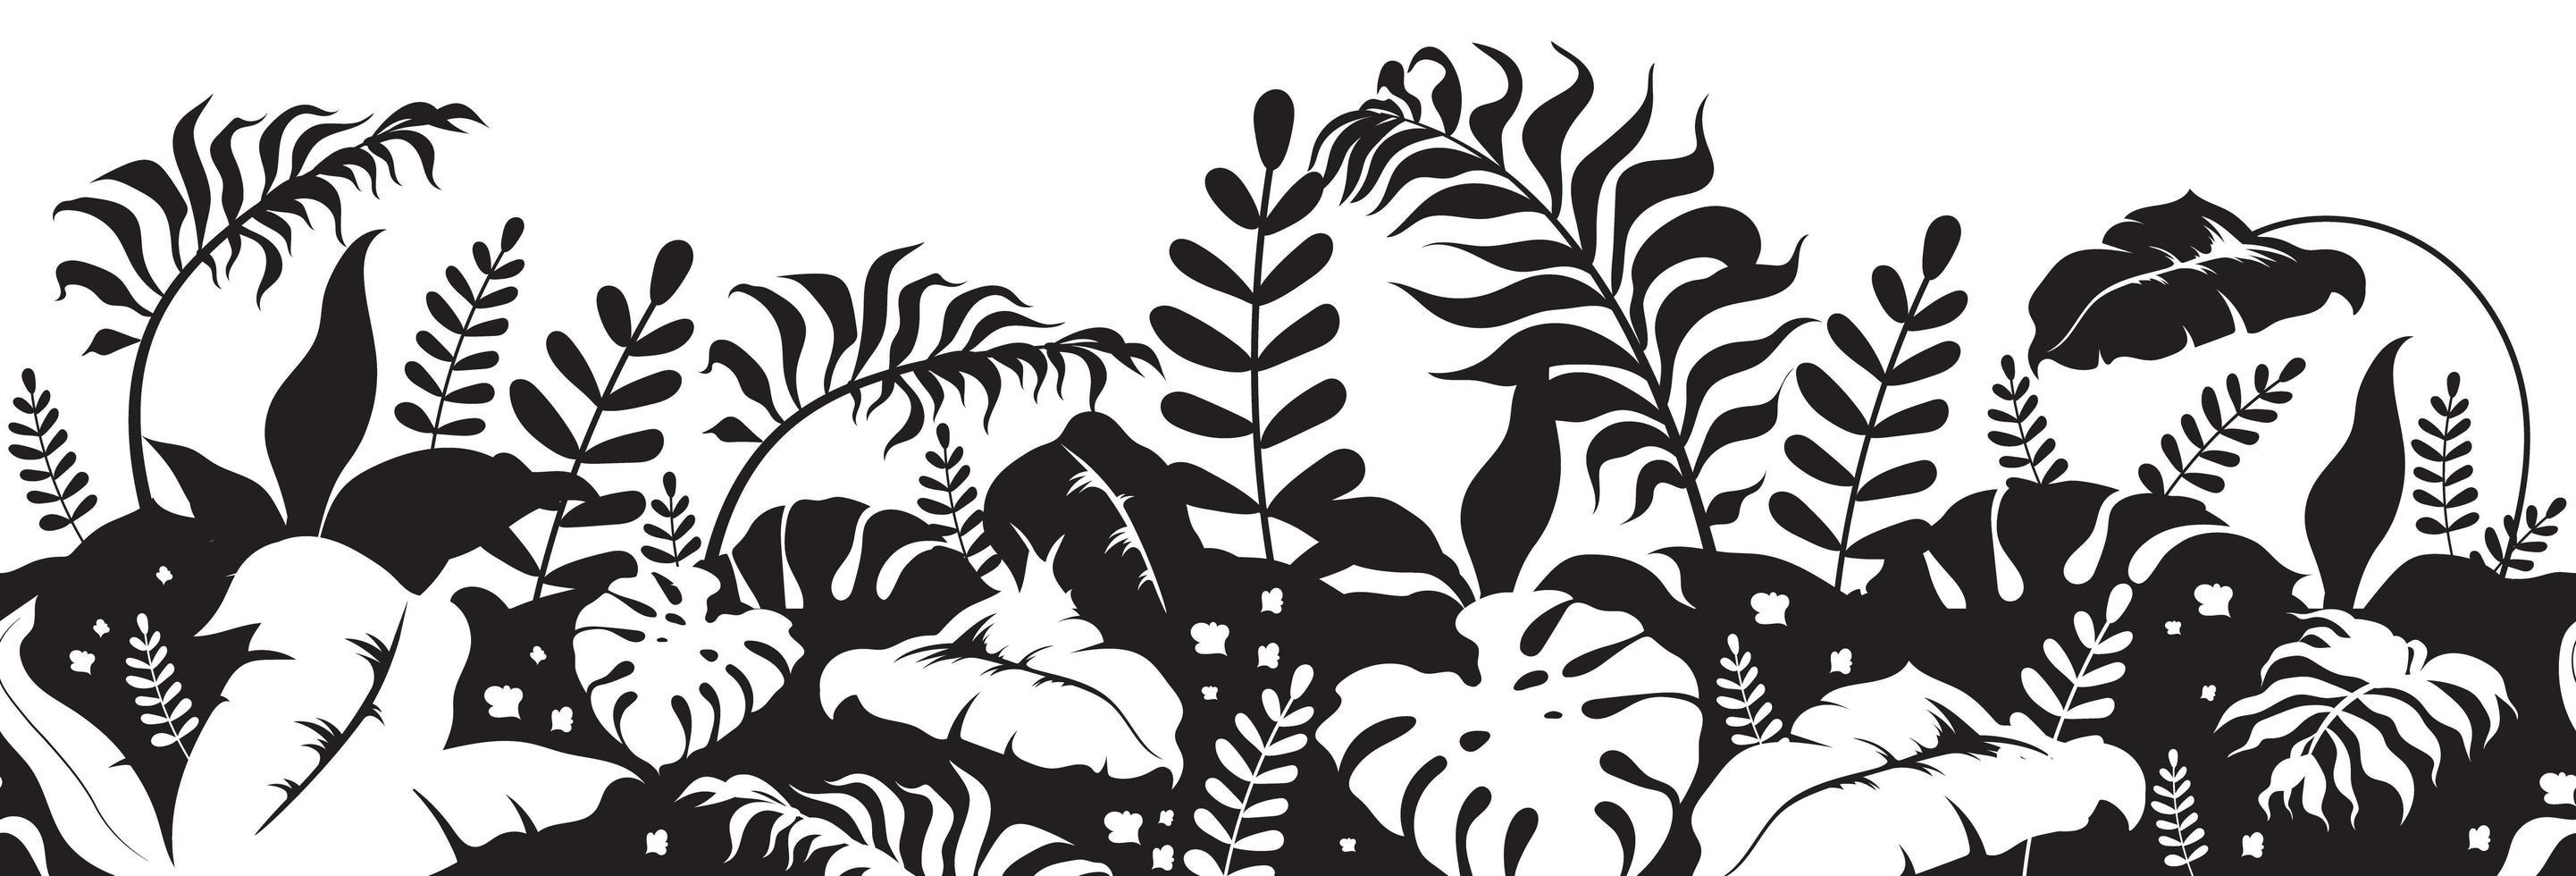 silhouettes noires de plantes tropicales vecteur